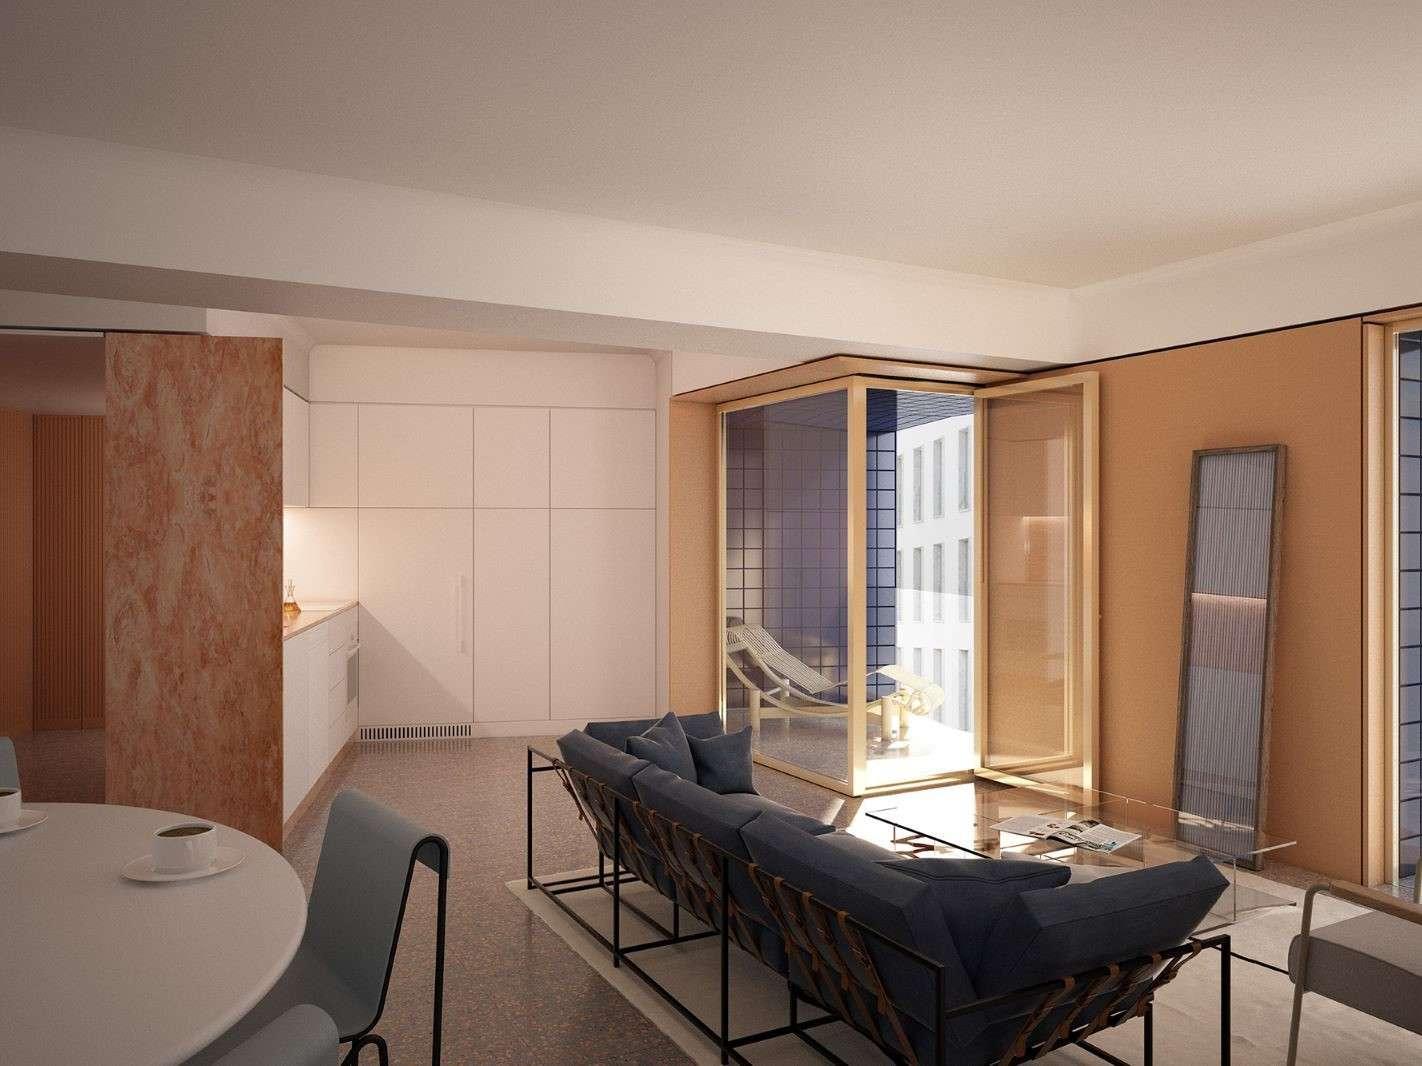 images-prod-prop-004604-sala_cozinha_apartamento_j_1623936717330-jpg